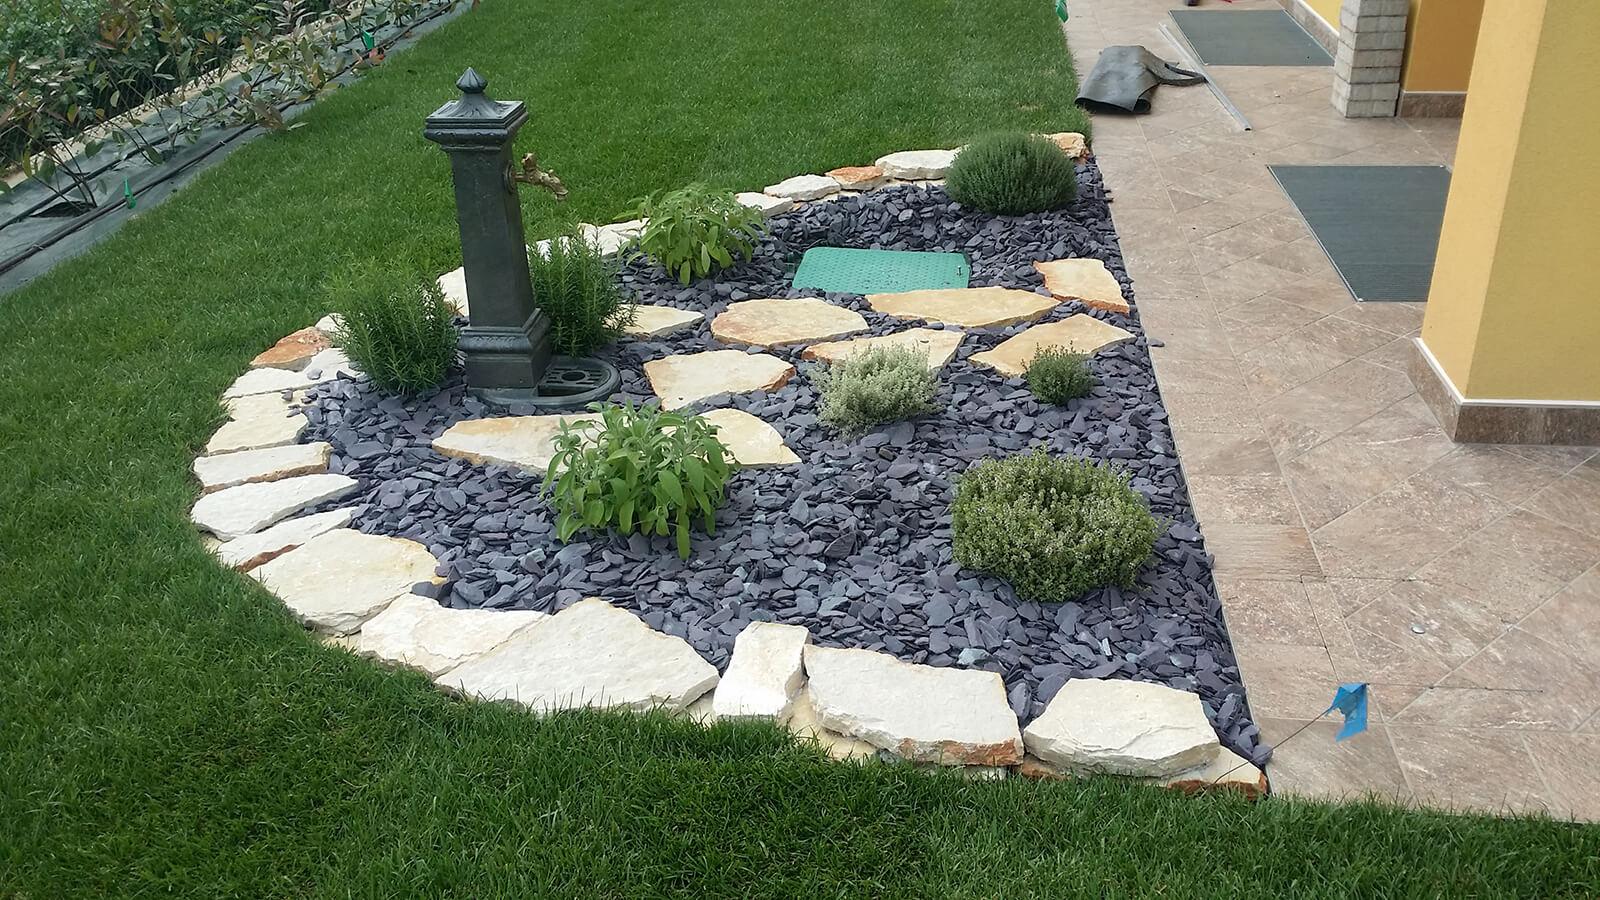 progettazione realizzazione giardini varie - verde blu giardini 8